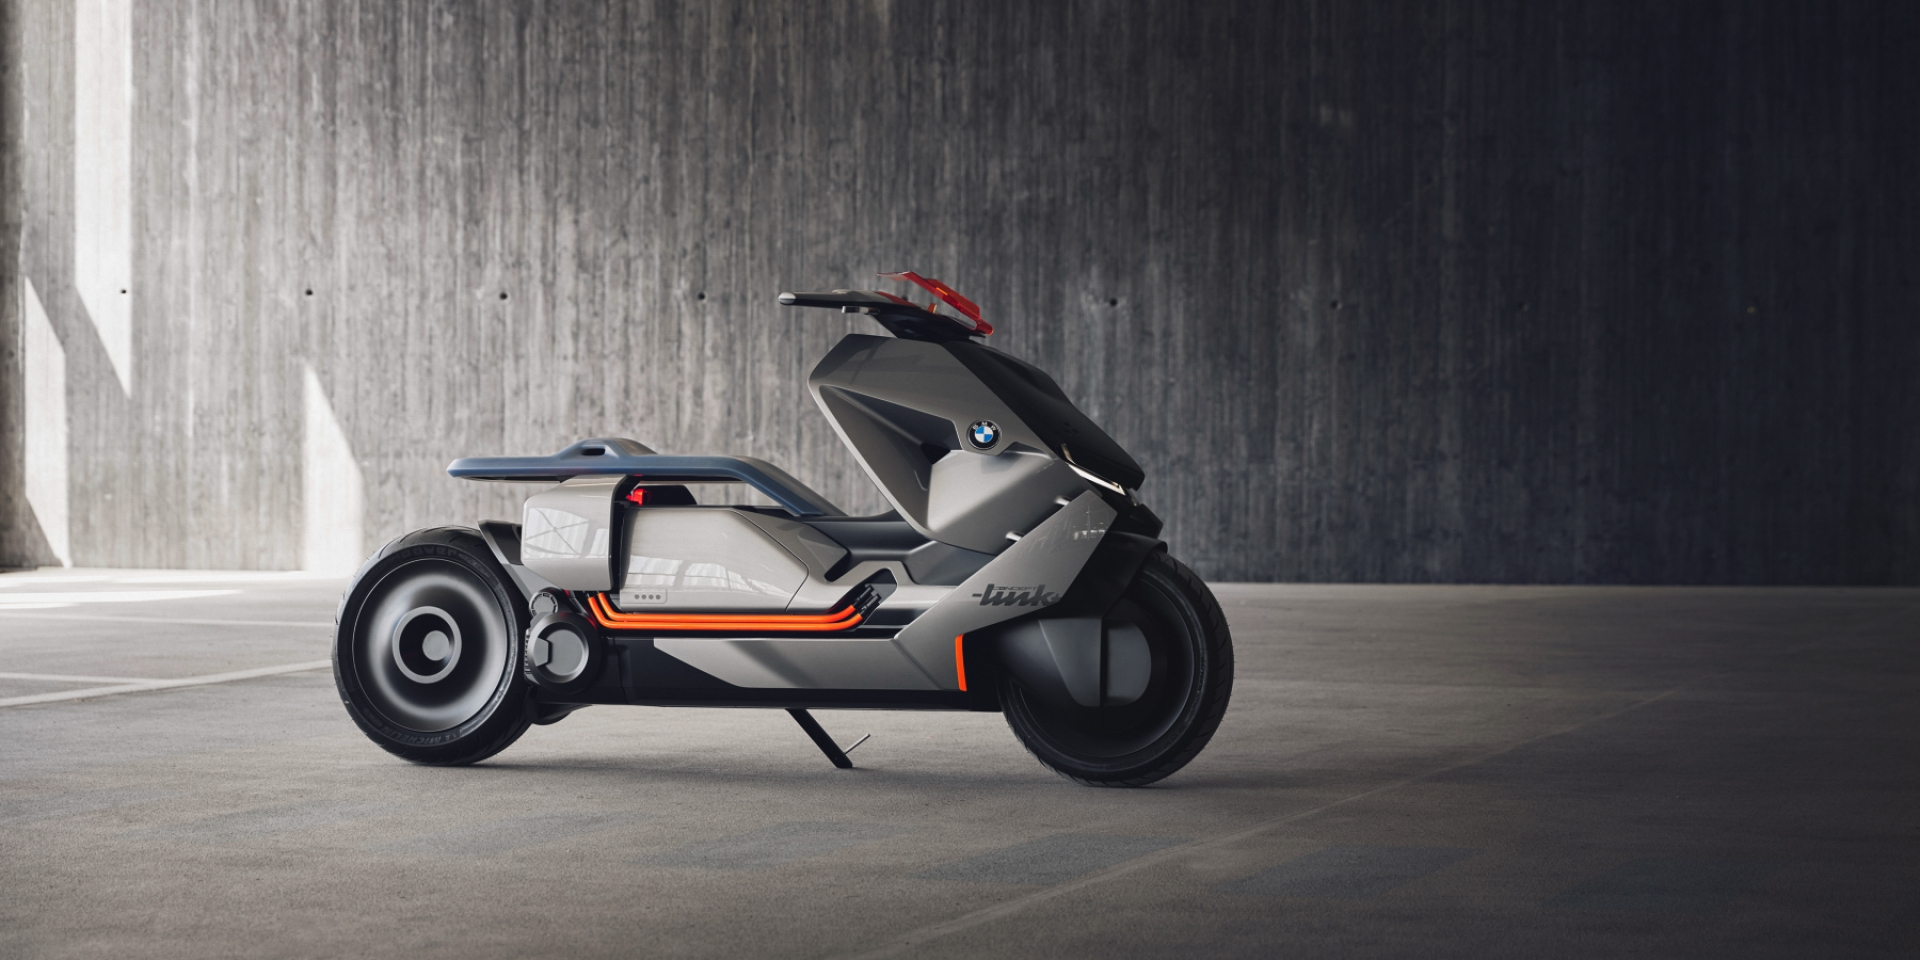 展現未來機車樣貌,BMW Motorrad Concept Link概念亮相